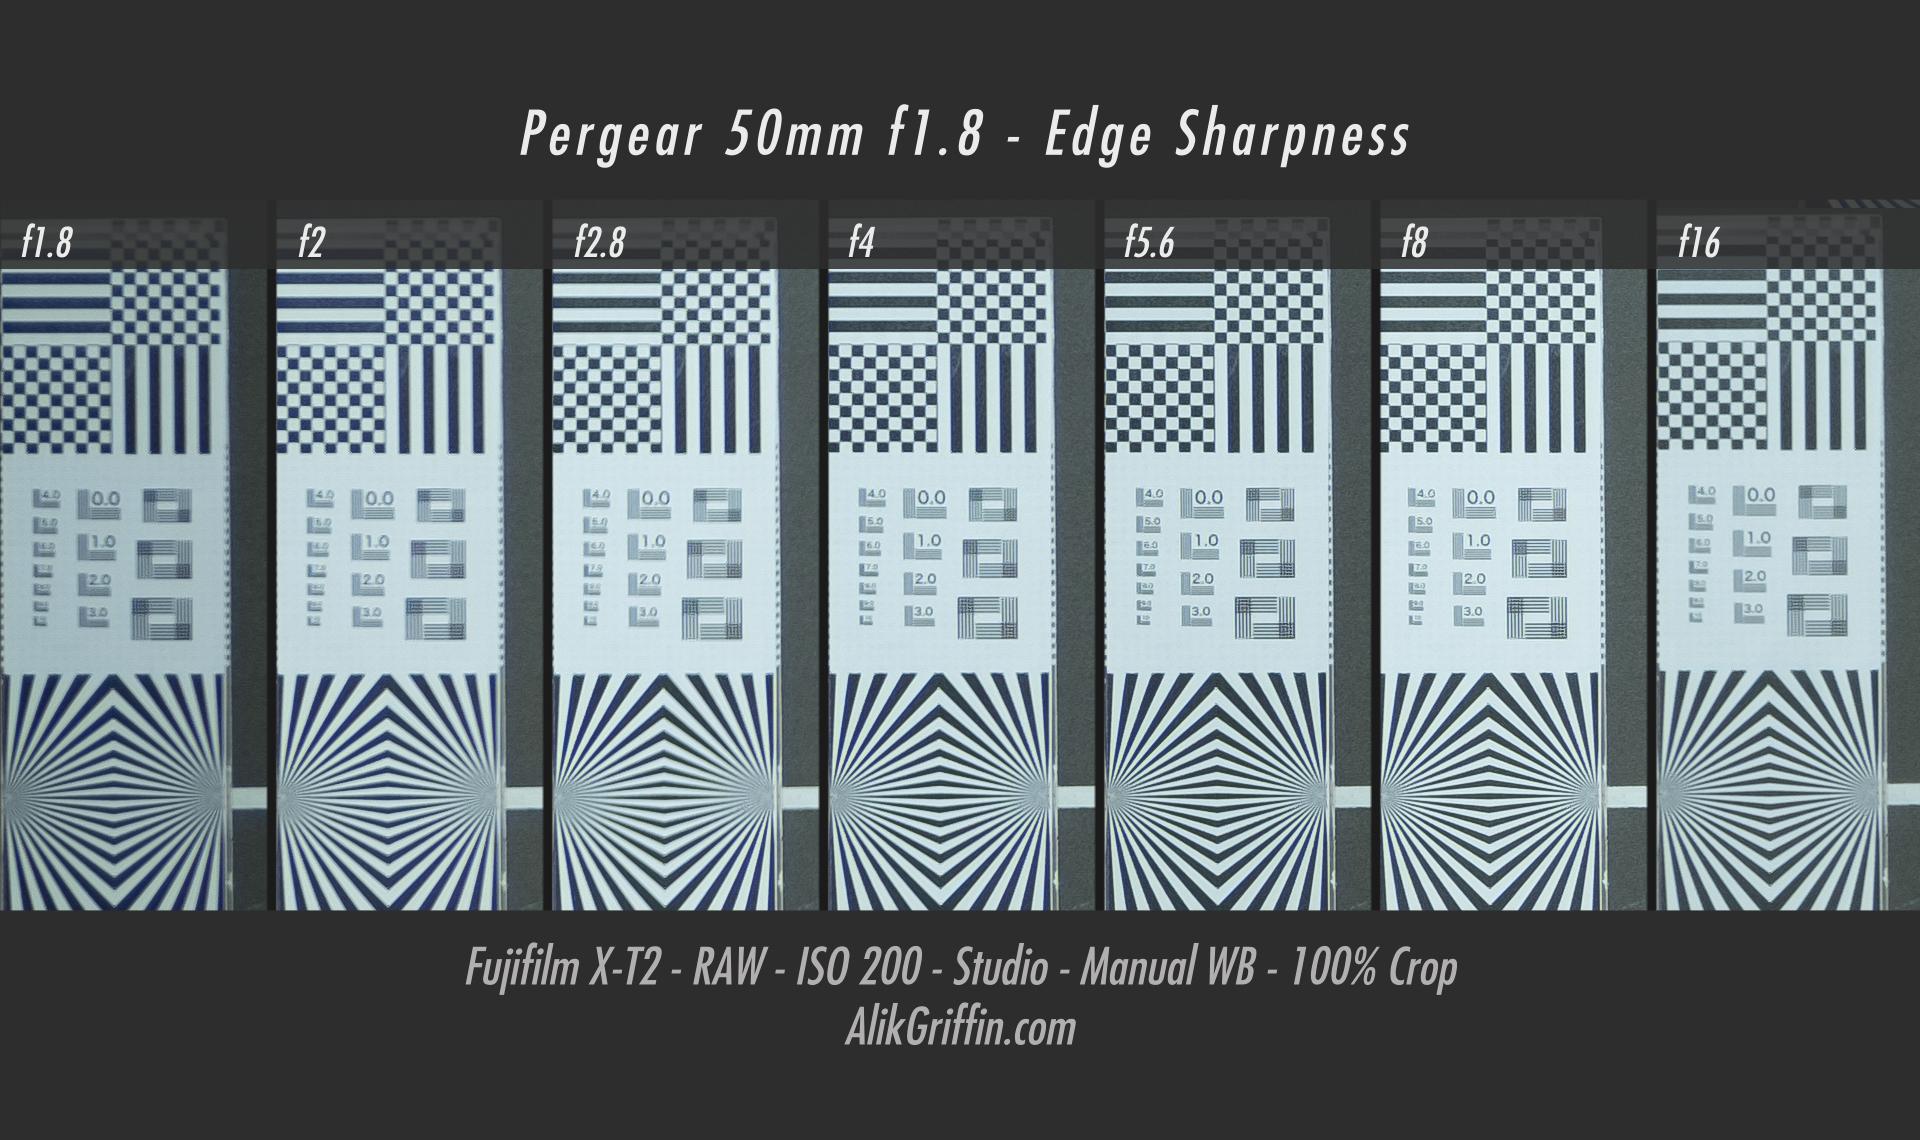 Pergear 50mm f1.8 Edge Sharpness